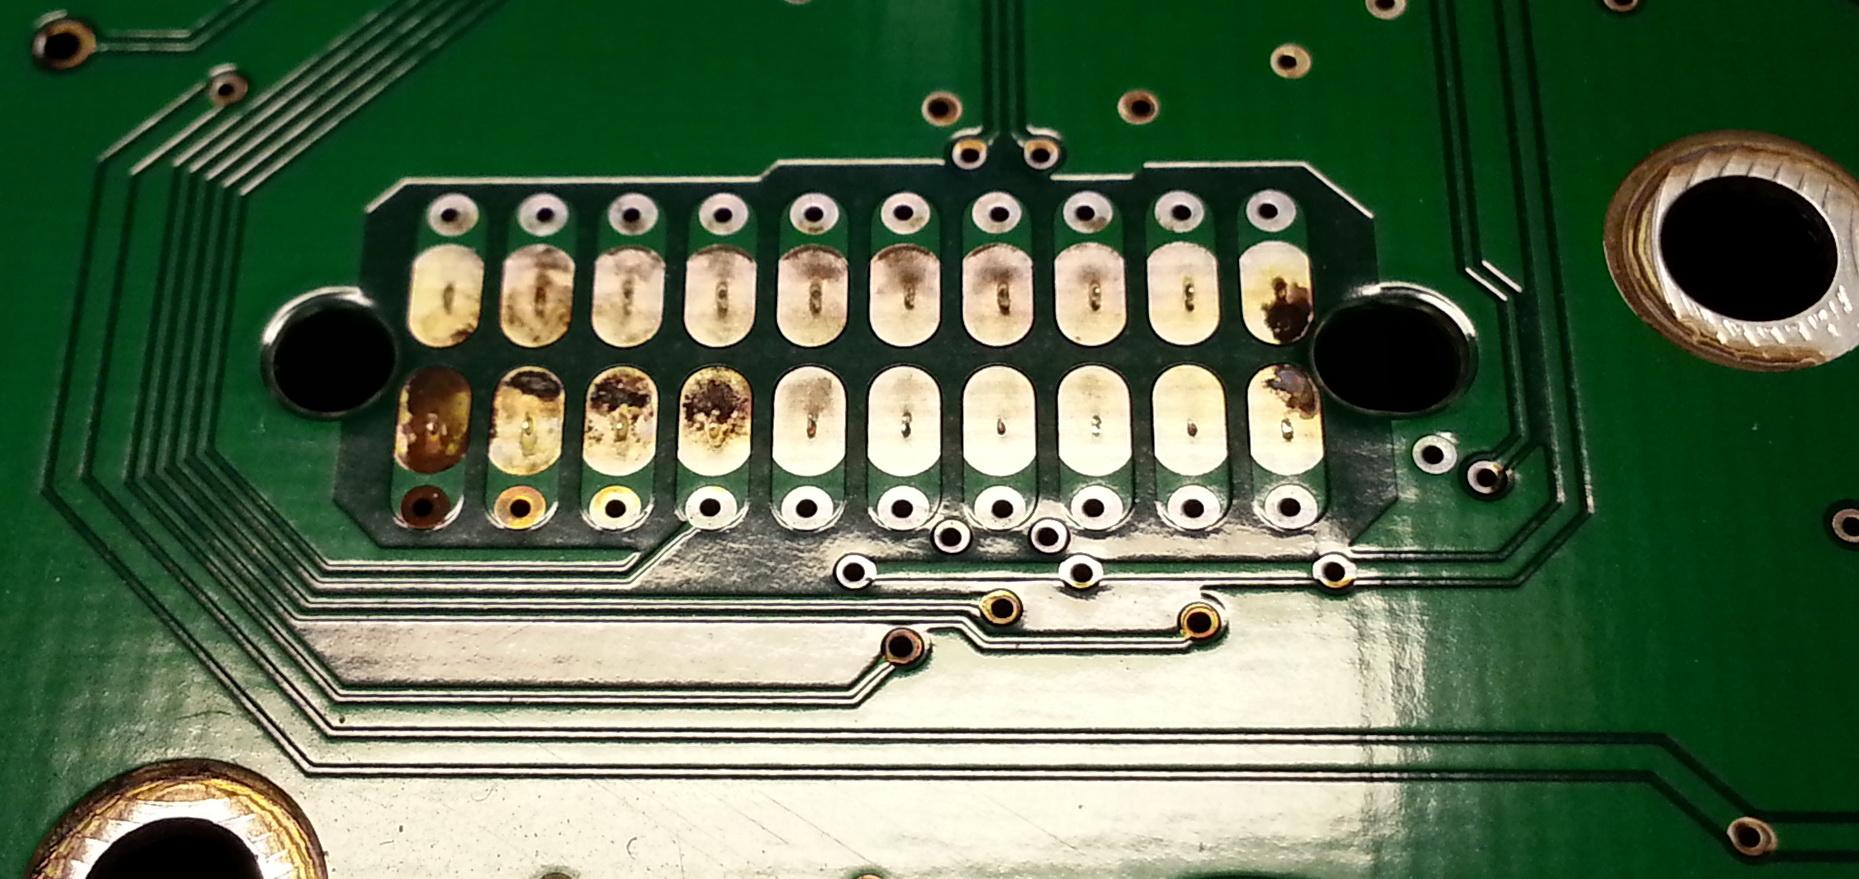 Окислившиеся контакты HDD.